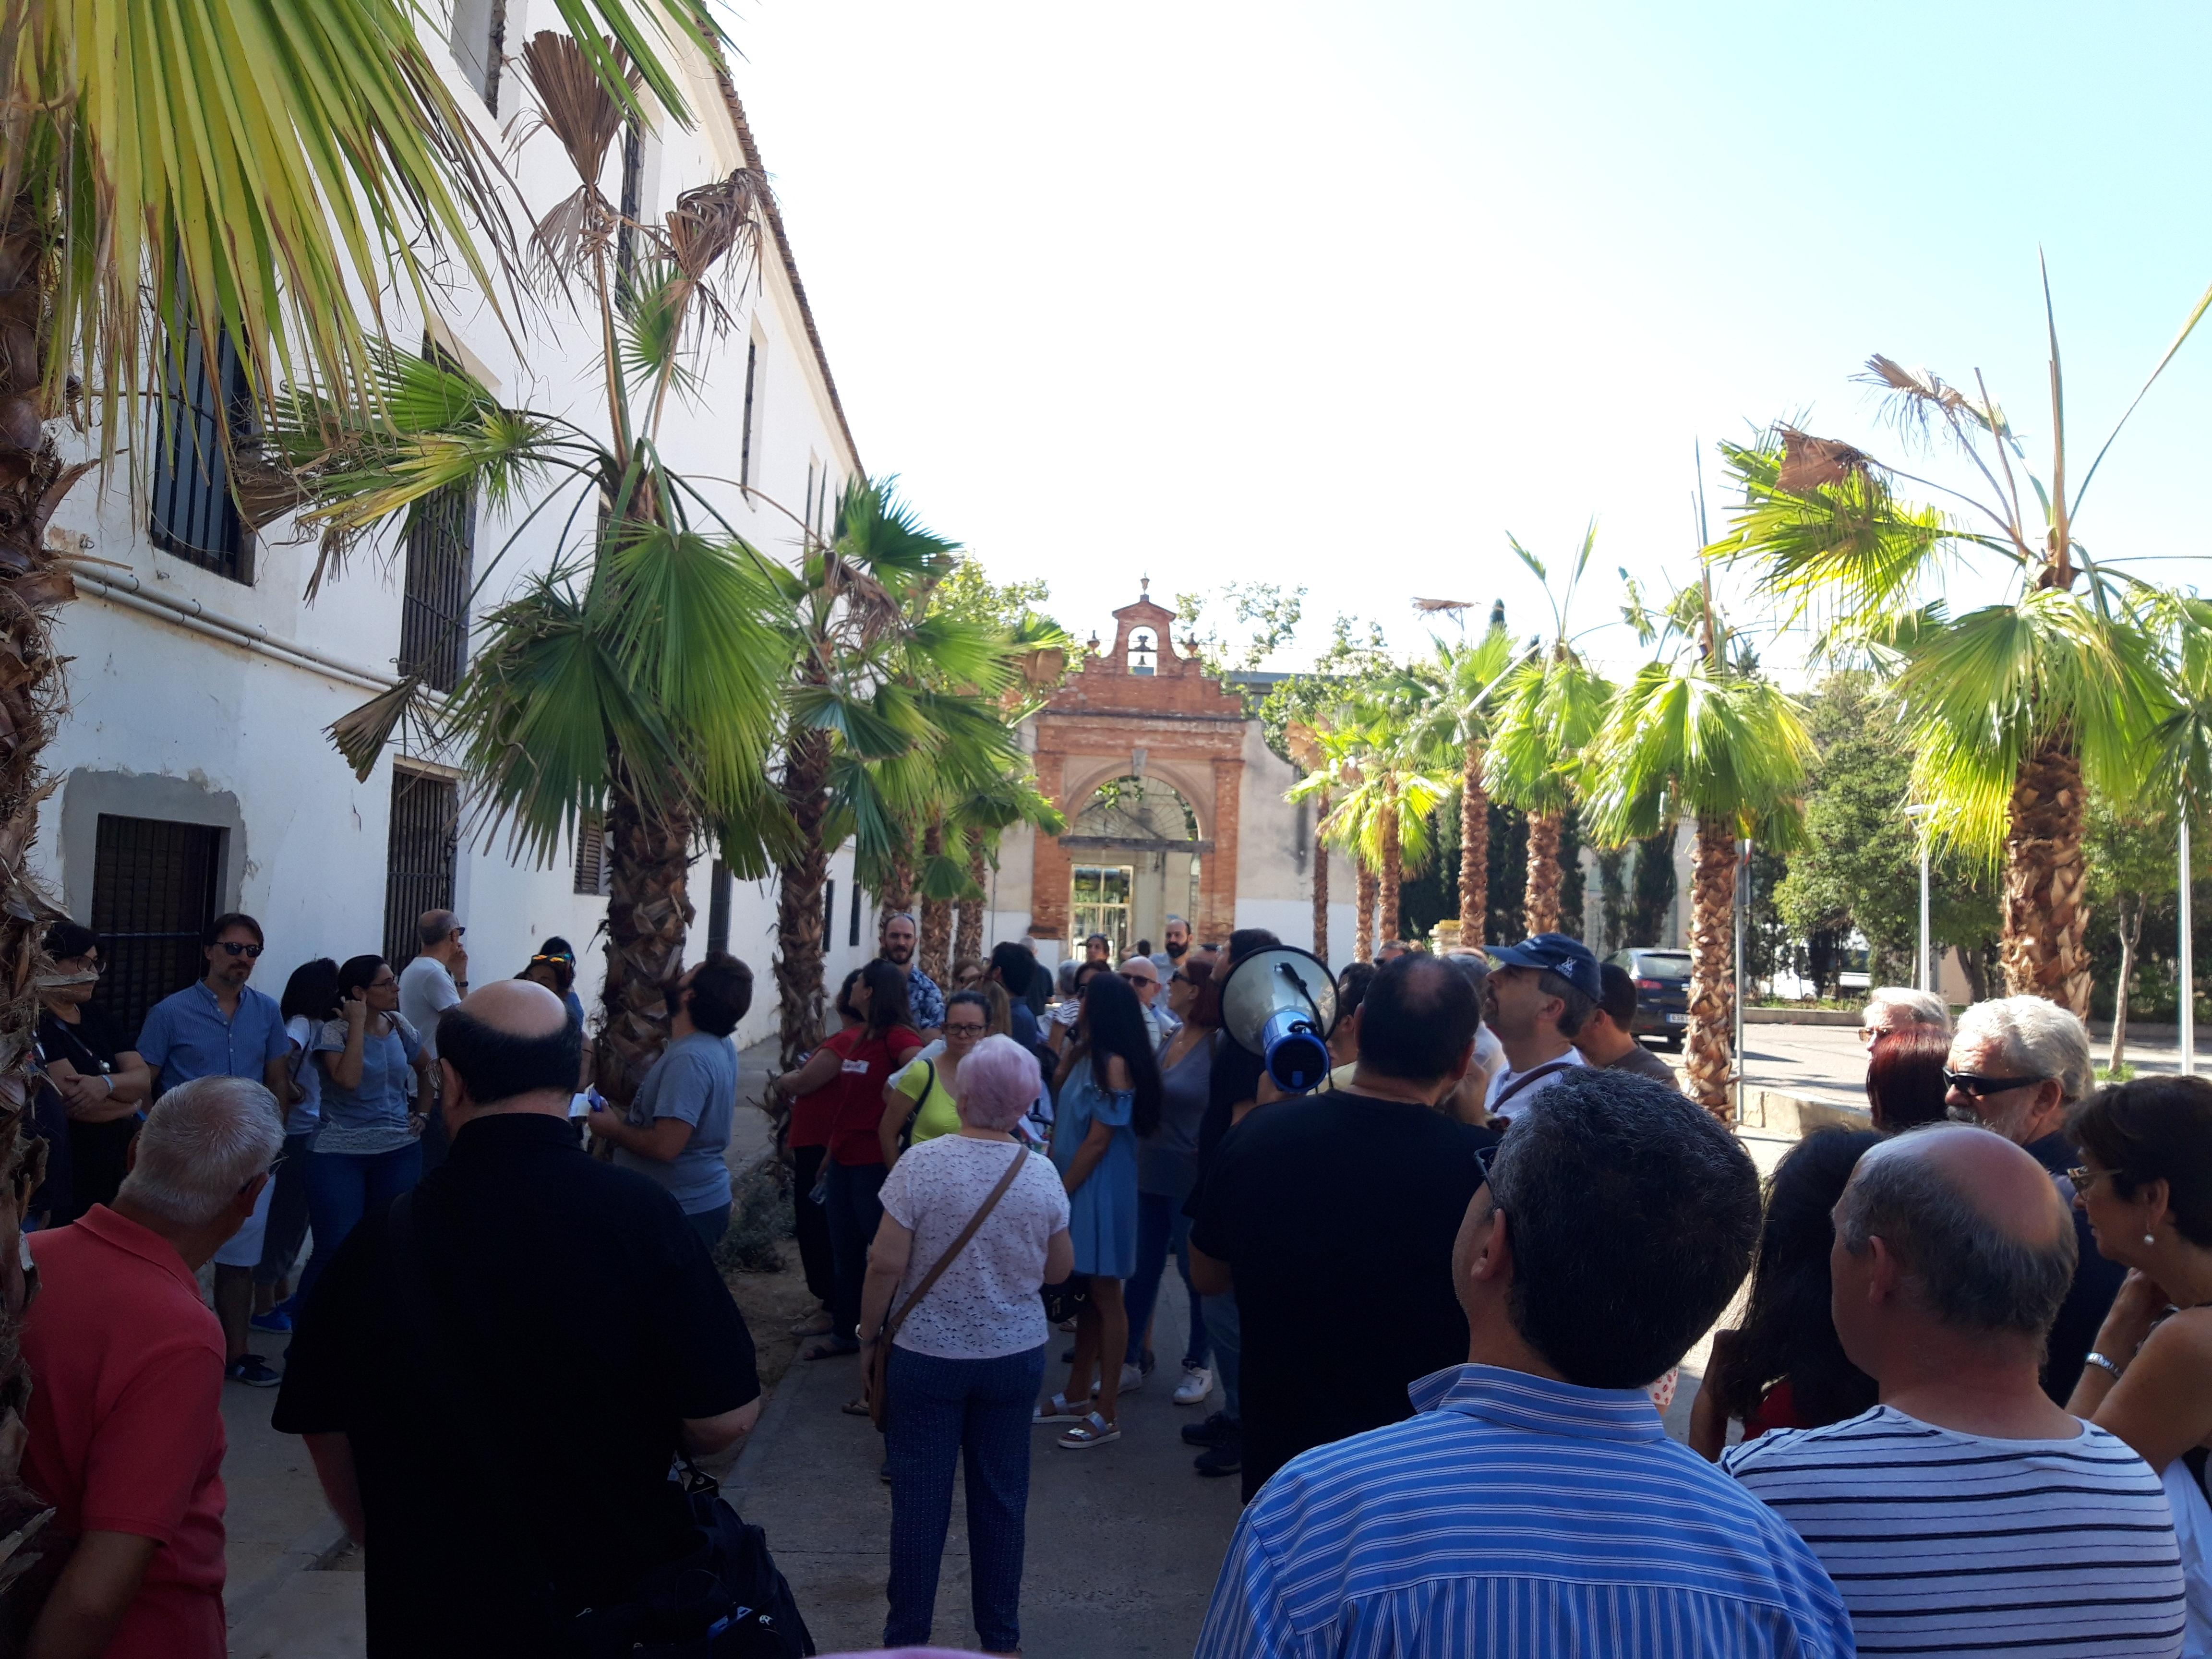 Un centenar d'assistents coneixen el barri en la ruta guiada organitzada per l'Associació Veïnal de Patraix